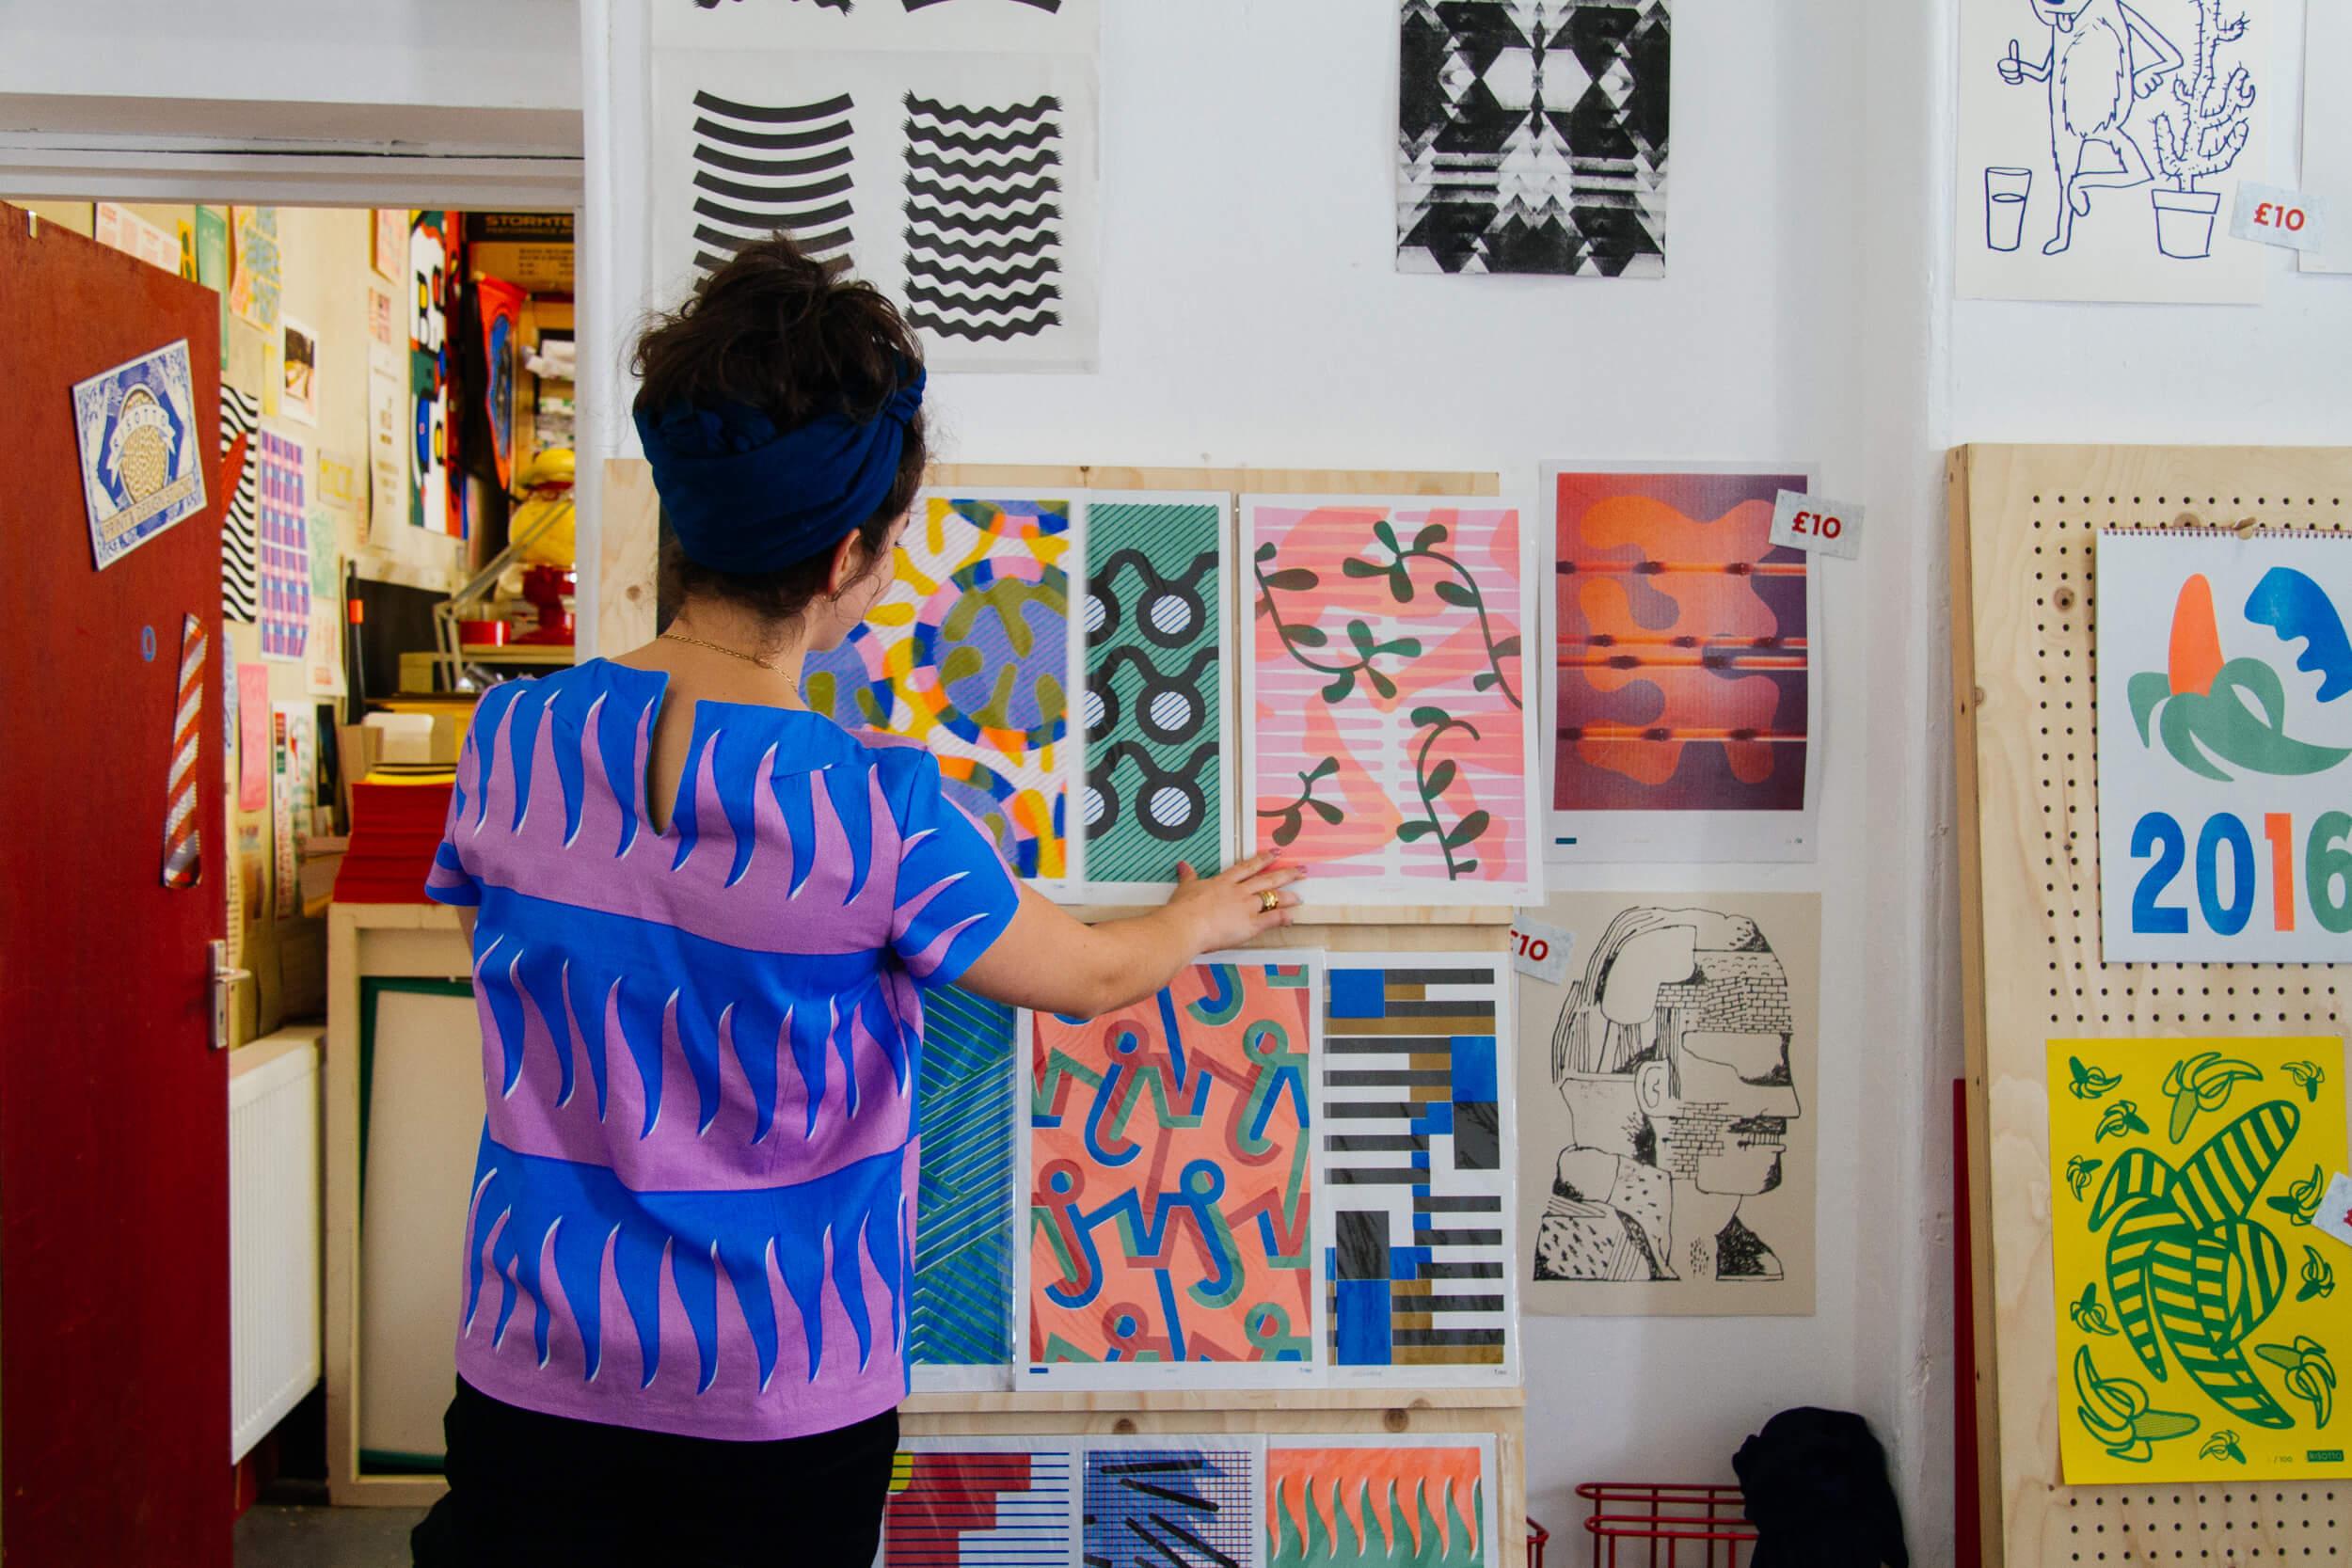 Gabriella Marcella in the Studio, photo by Future Positive Studio for Local Heroes